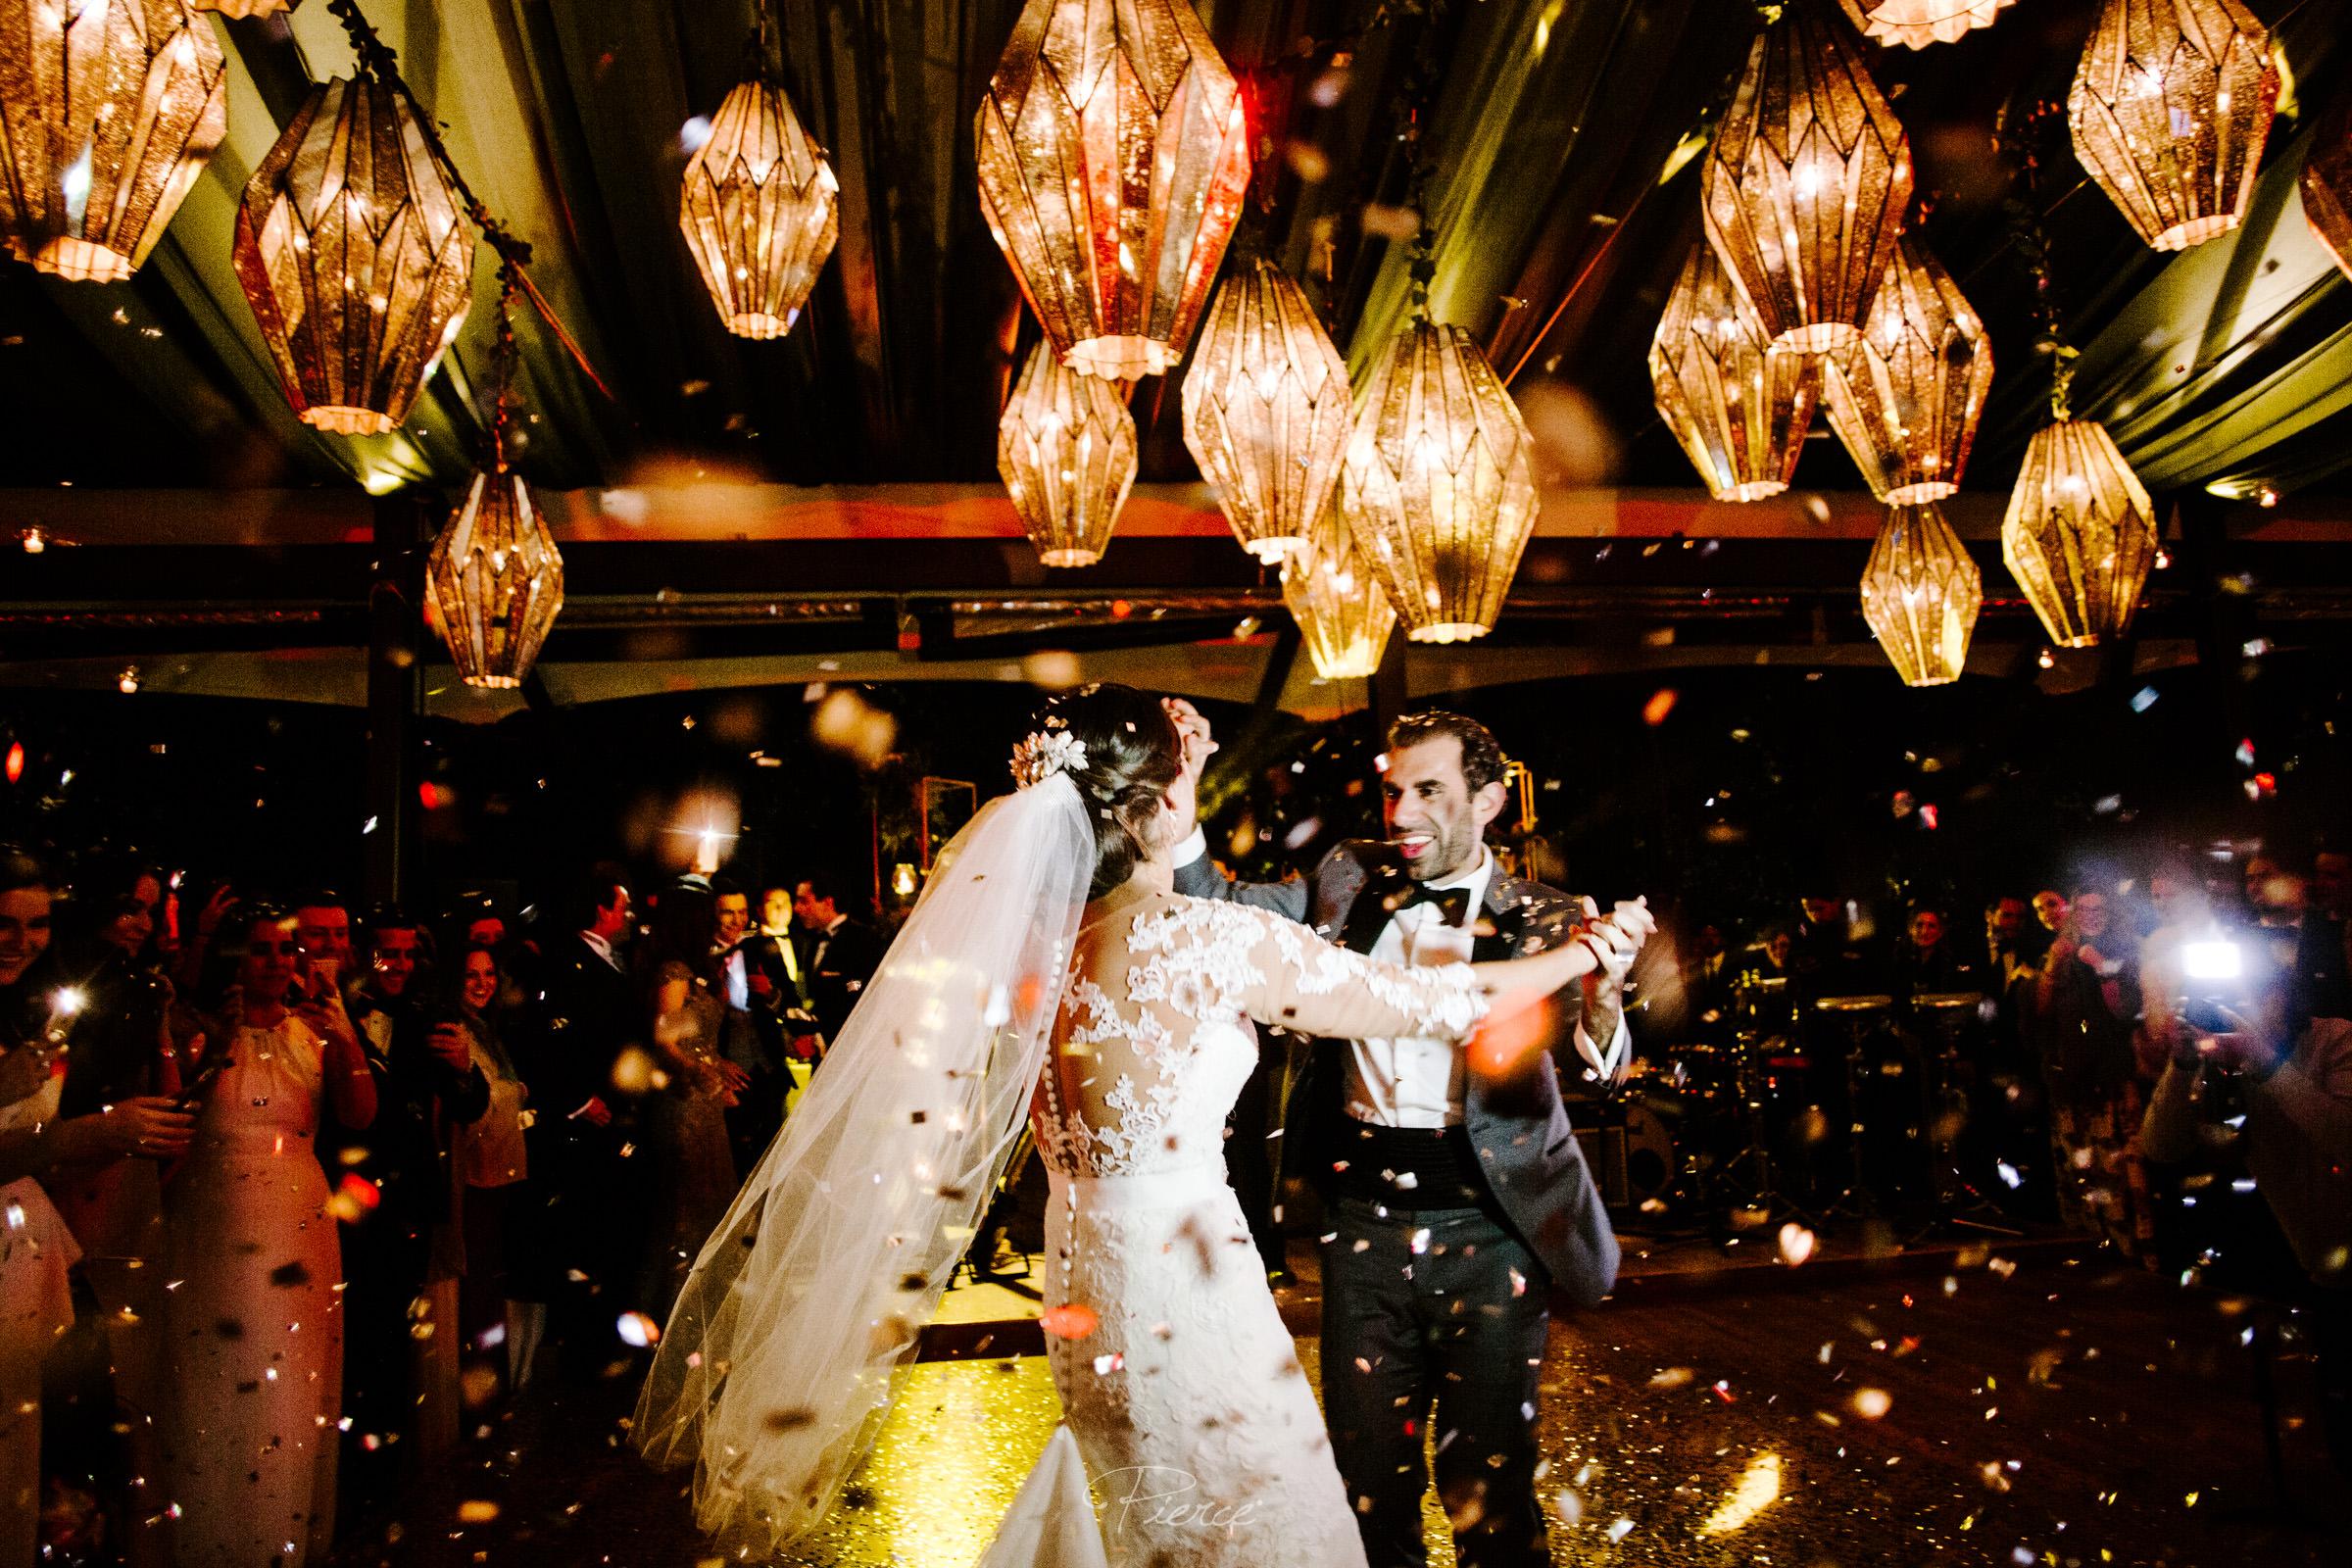 fotografia-de-boda-valle-de-bravo-mexico-rosmarino-pierce-weddings-0168.JPG